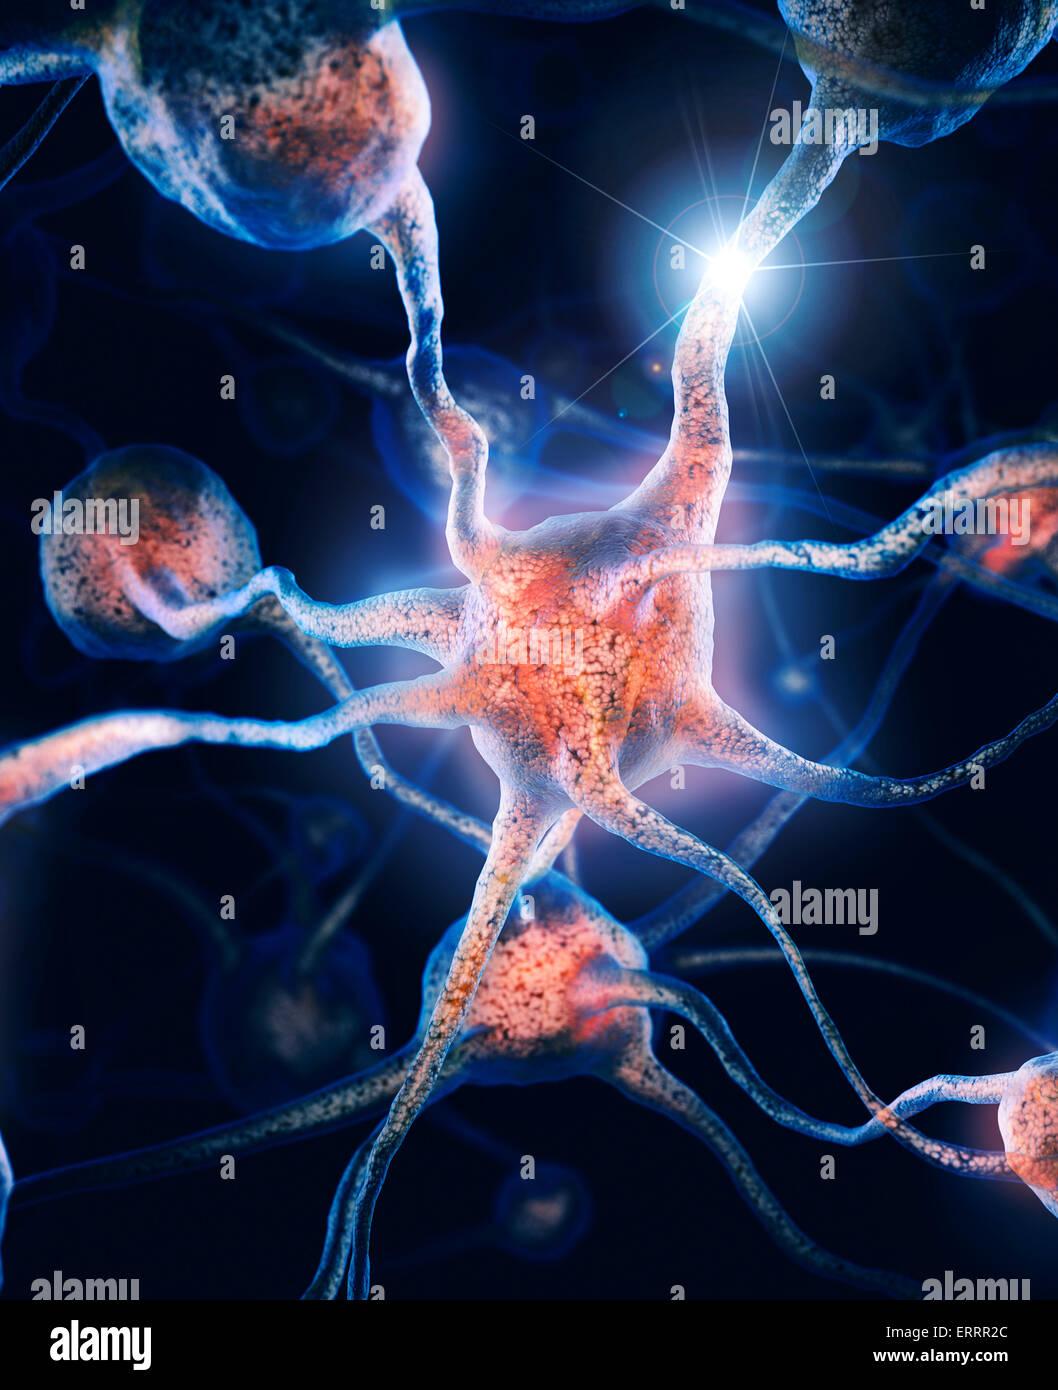 Netzwerk von Neuronen und Nervenverbindungen, Gehirnzellen, wissenschaftliche illustration Stockbild